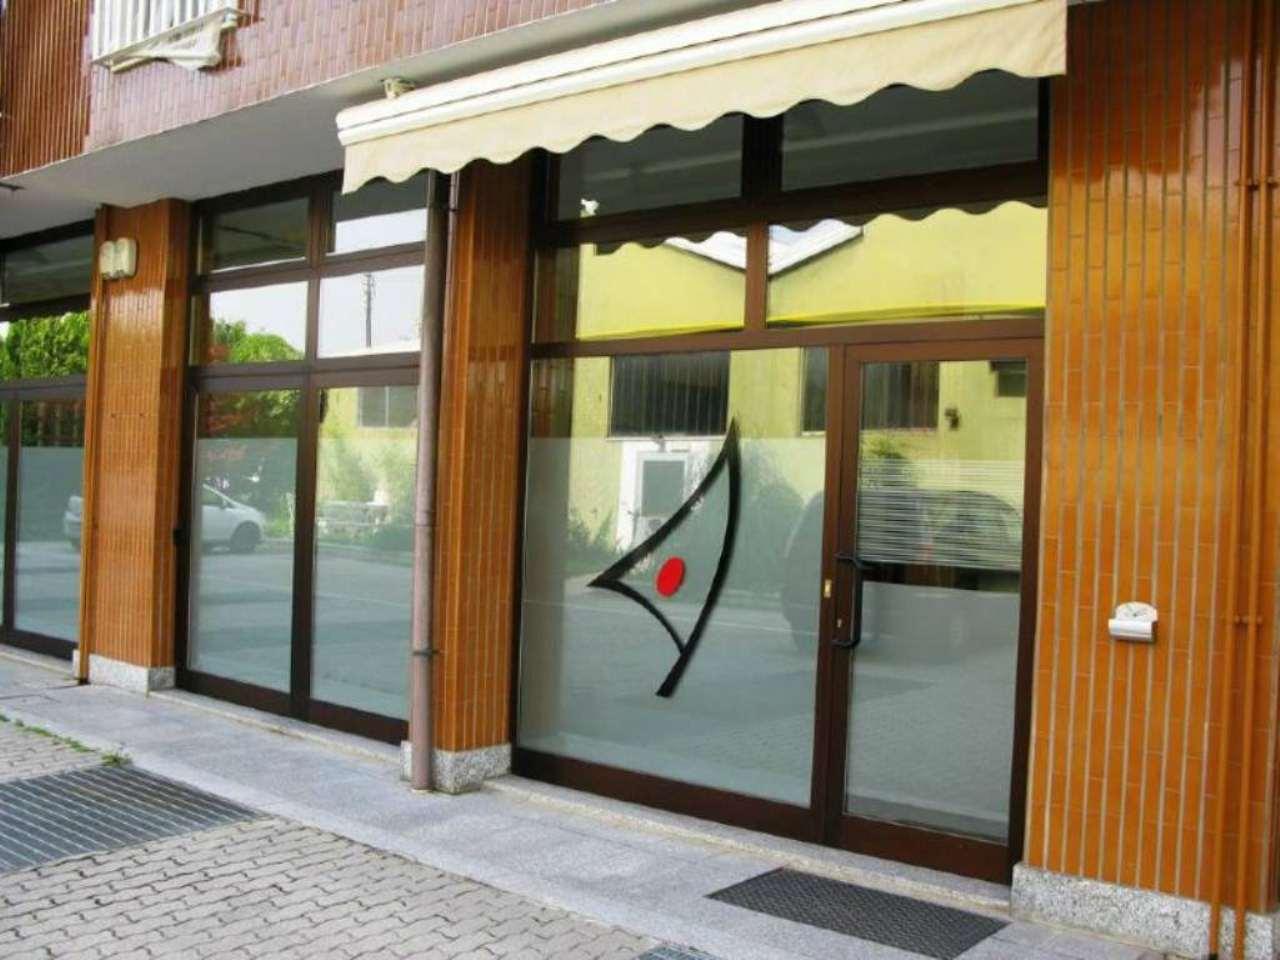 Ufficio / Studio in affitto a Settimo Milanese, 2 locali, prezzo € 850 | Cambio Casa.it